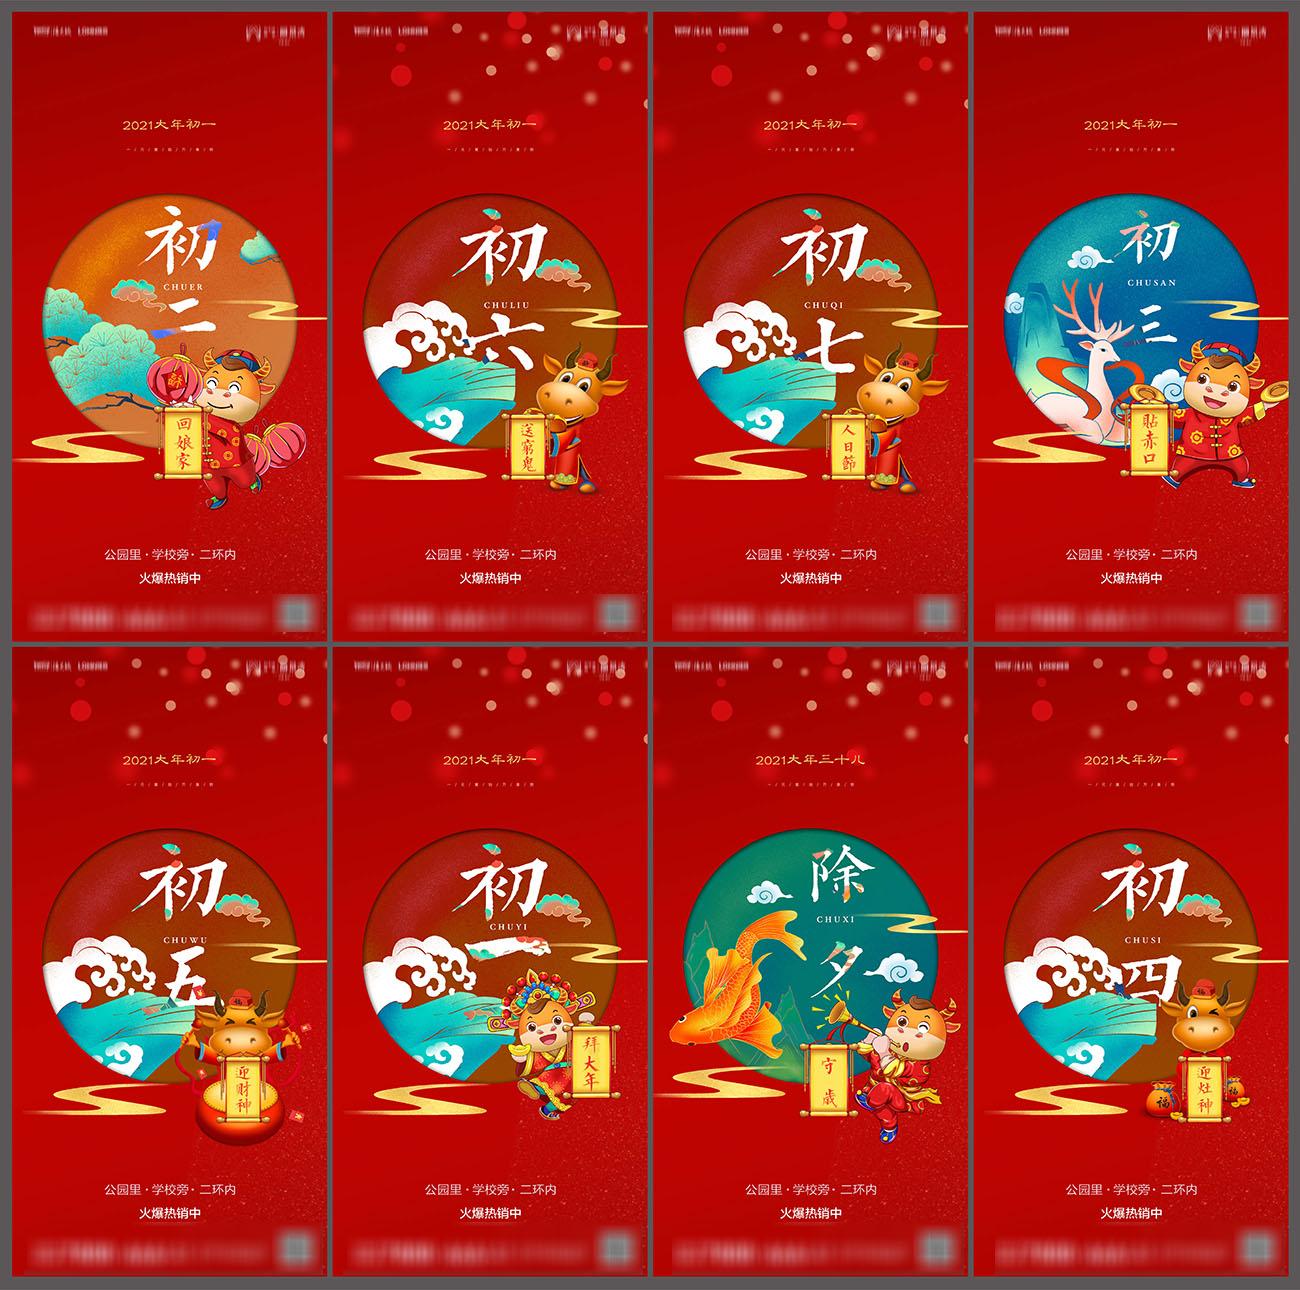 地产年俗除夕初一至初七新年系列海报PSD源文件插图